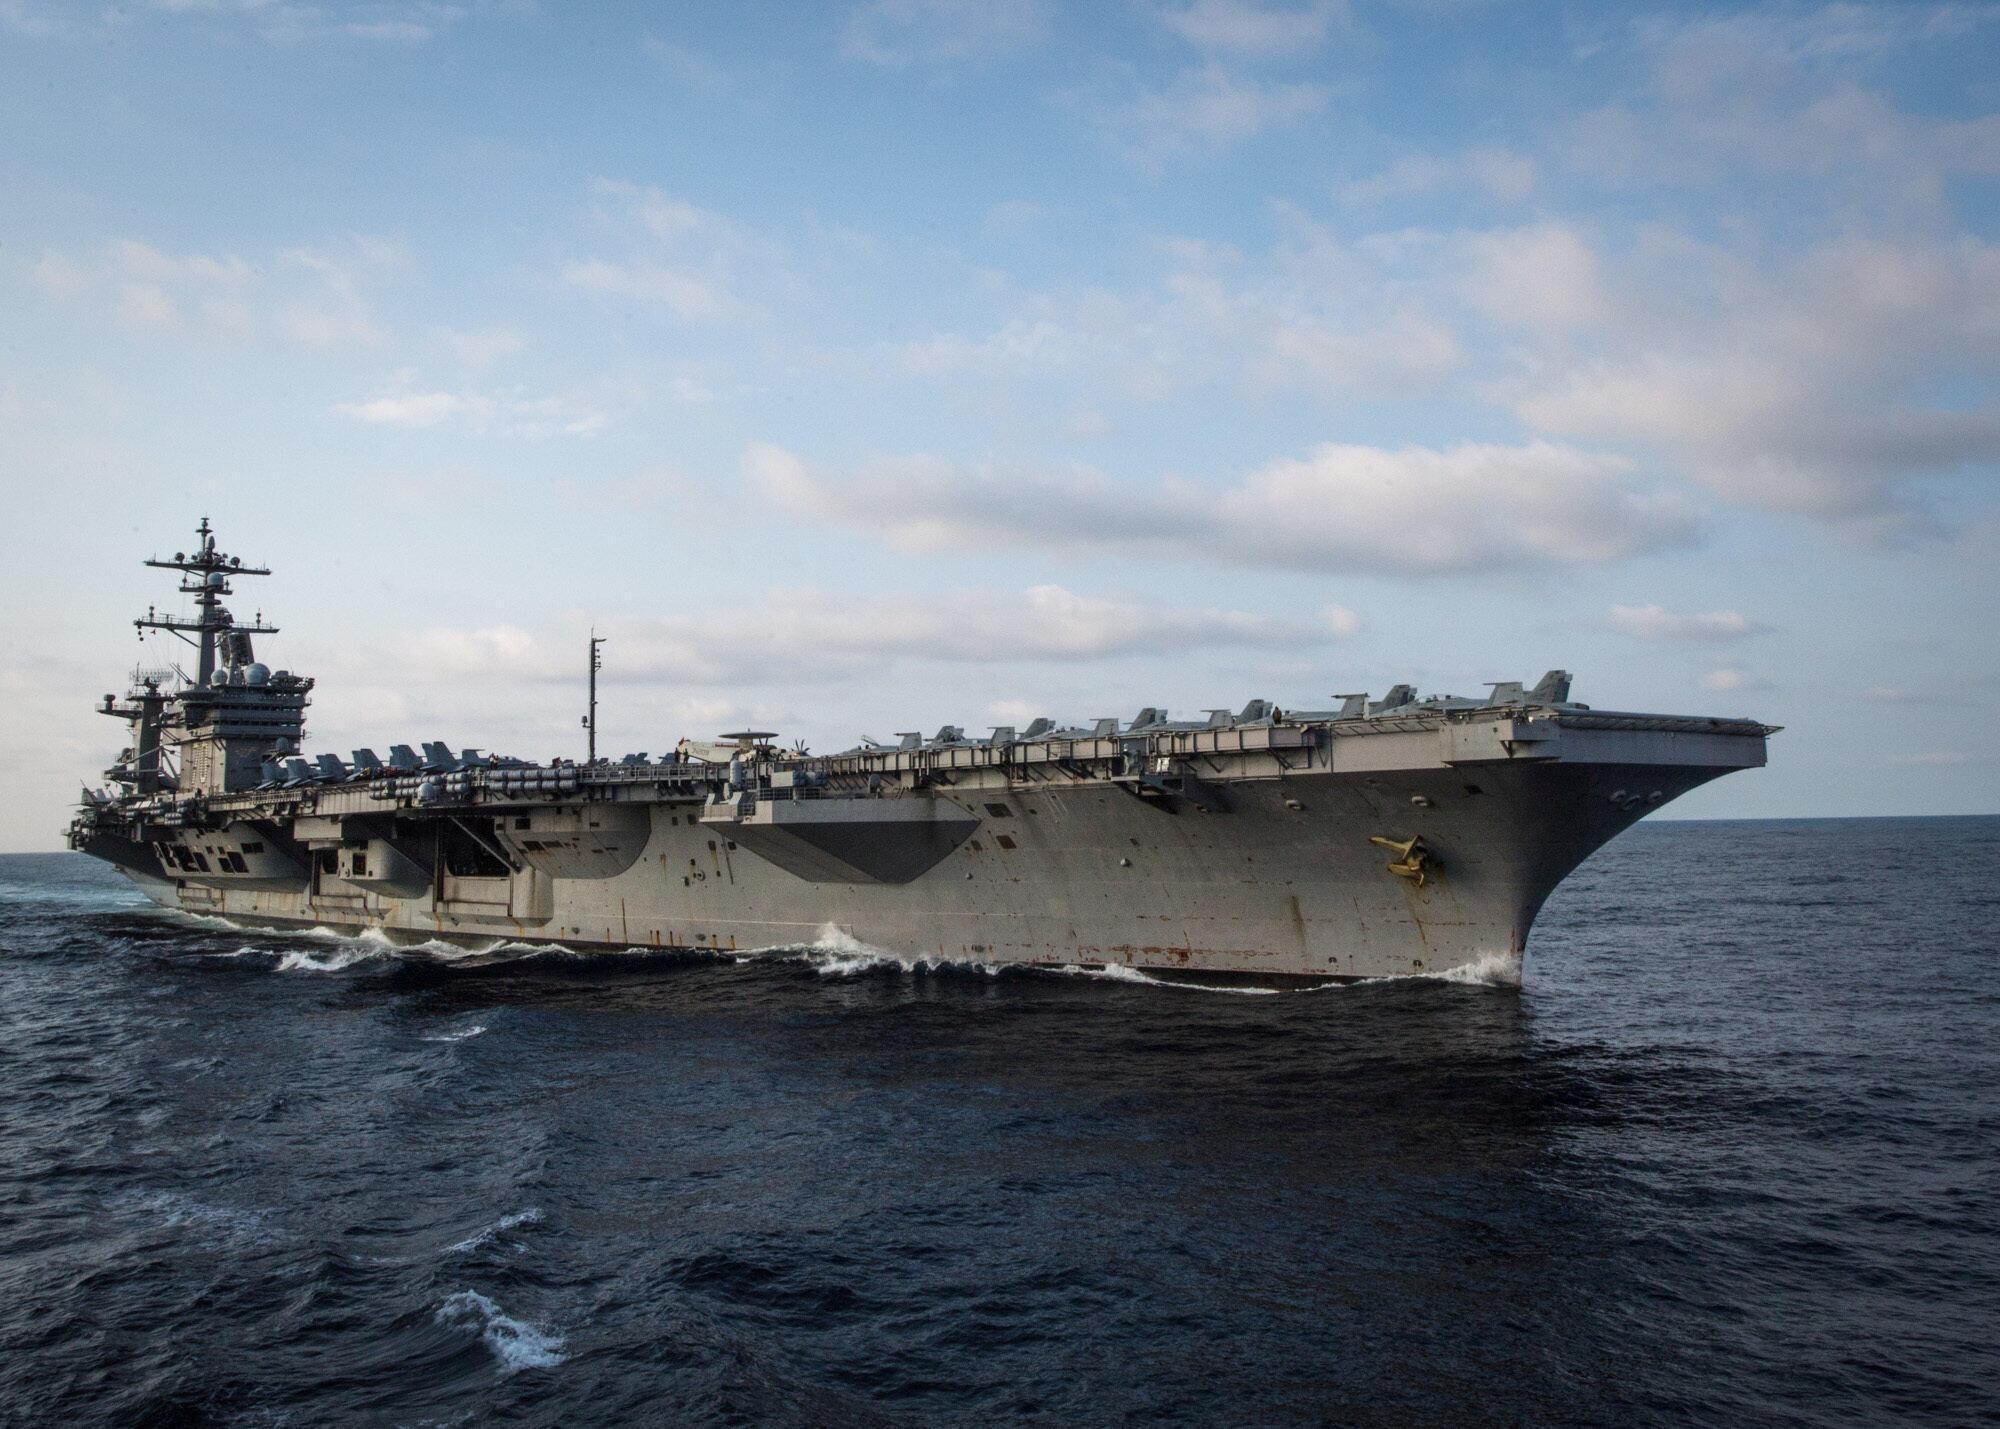 Tàu sân bay Mỹ USS Carl Vinson, cập  cảng Tiên Sa Đà Nẵng ngày 05/03/2018. Ảnh chụp ngày 27/05/2017 khi USS Carl Vinson đang hoạt động trong Thái Bình Dương.